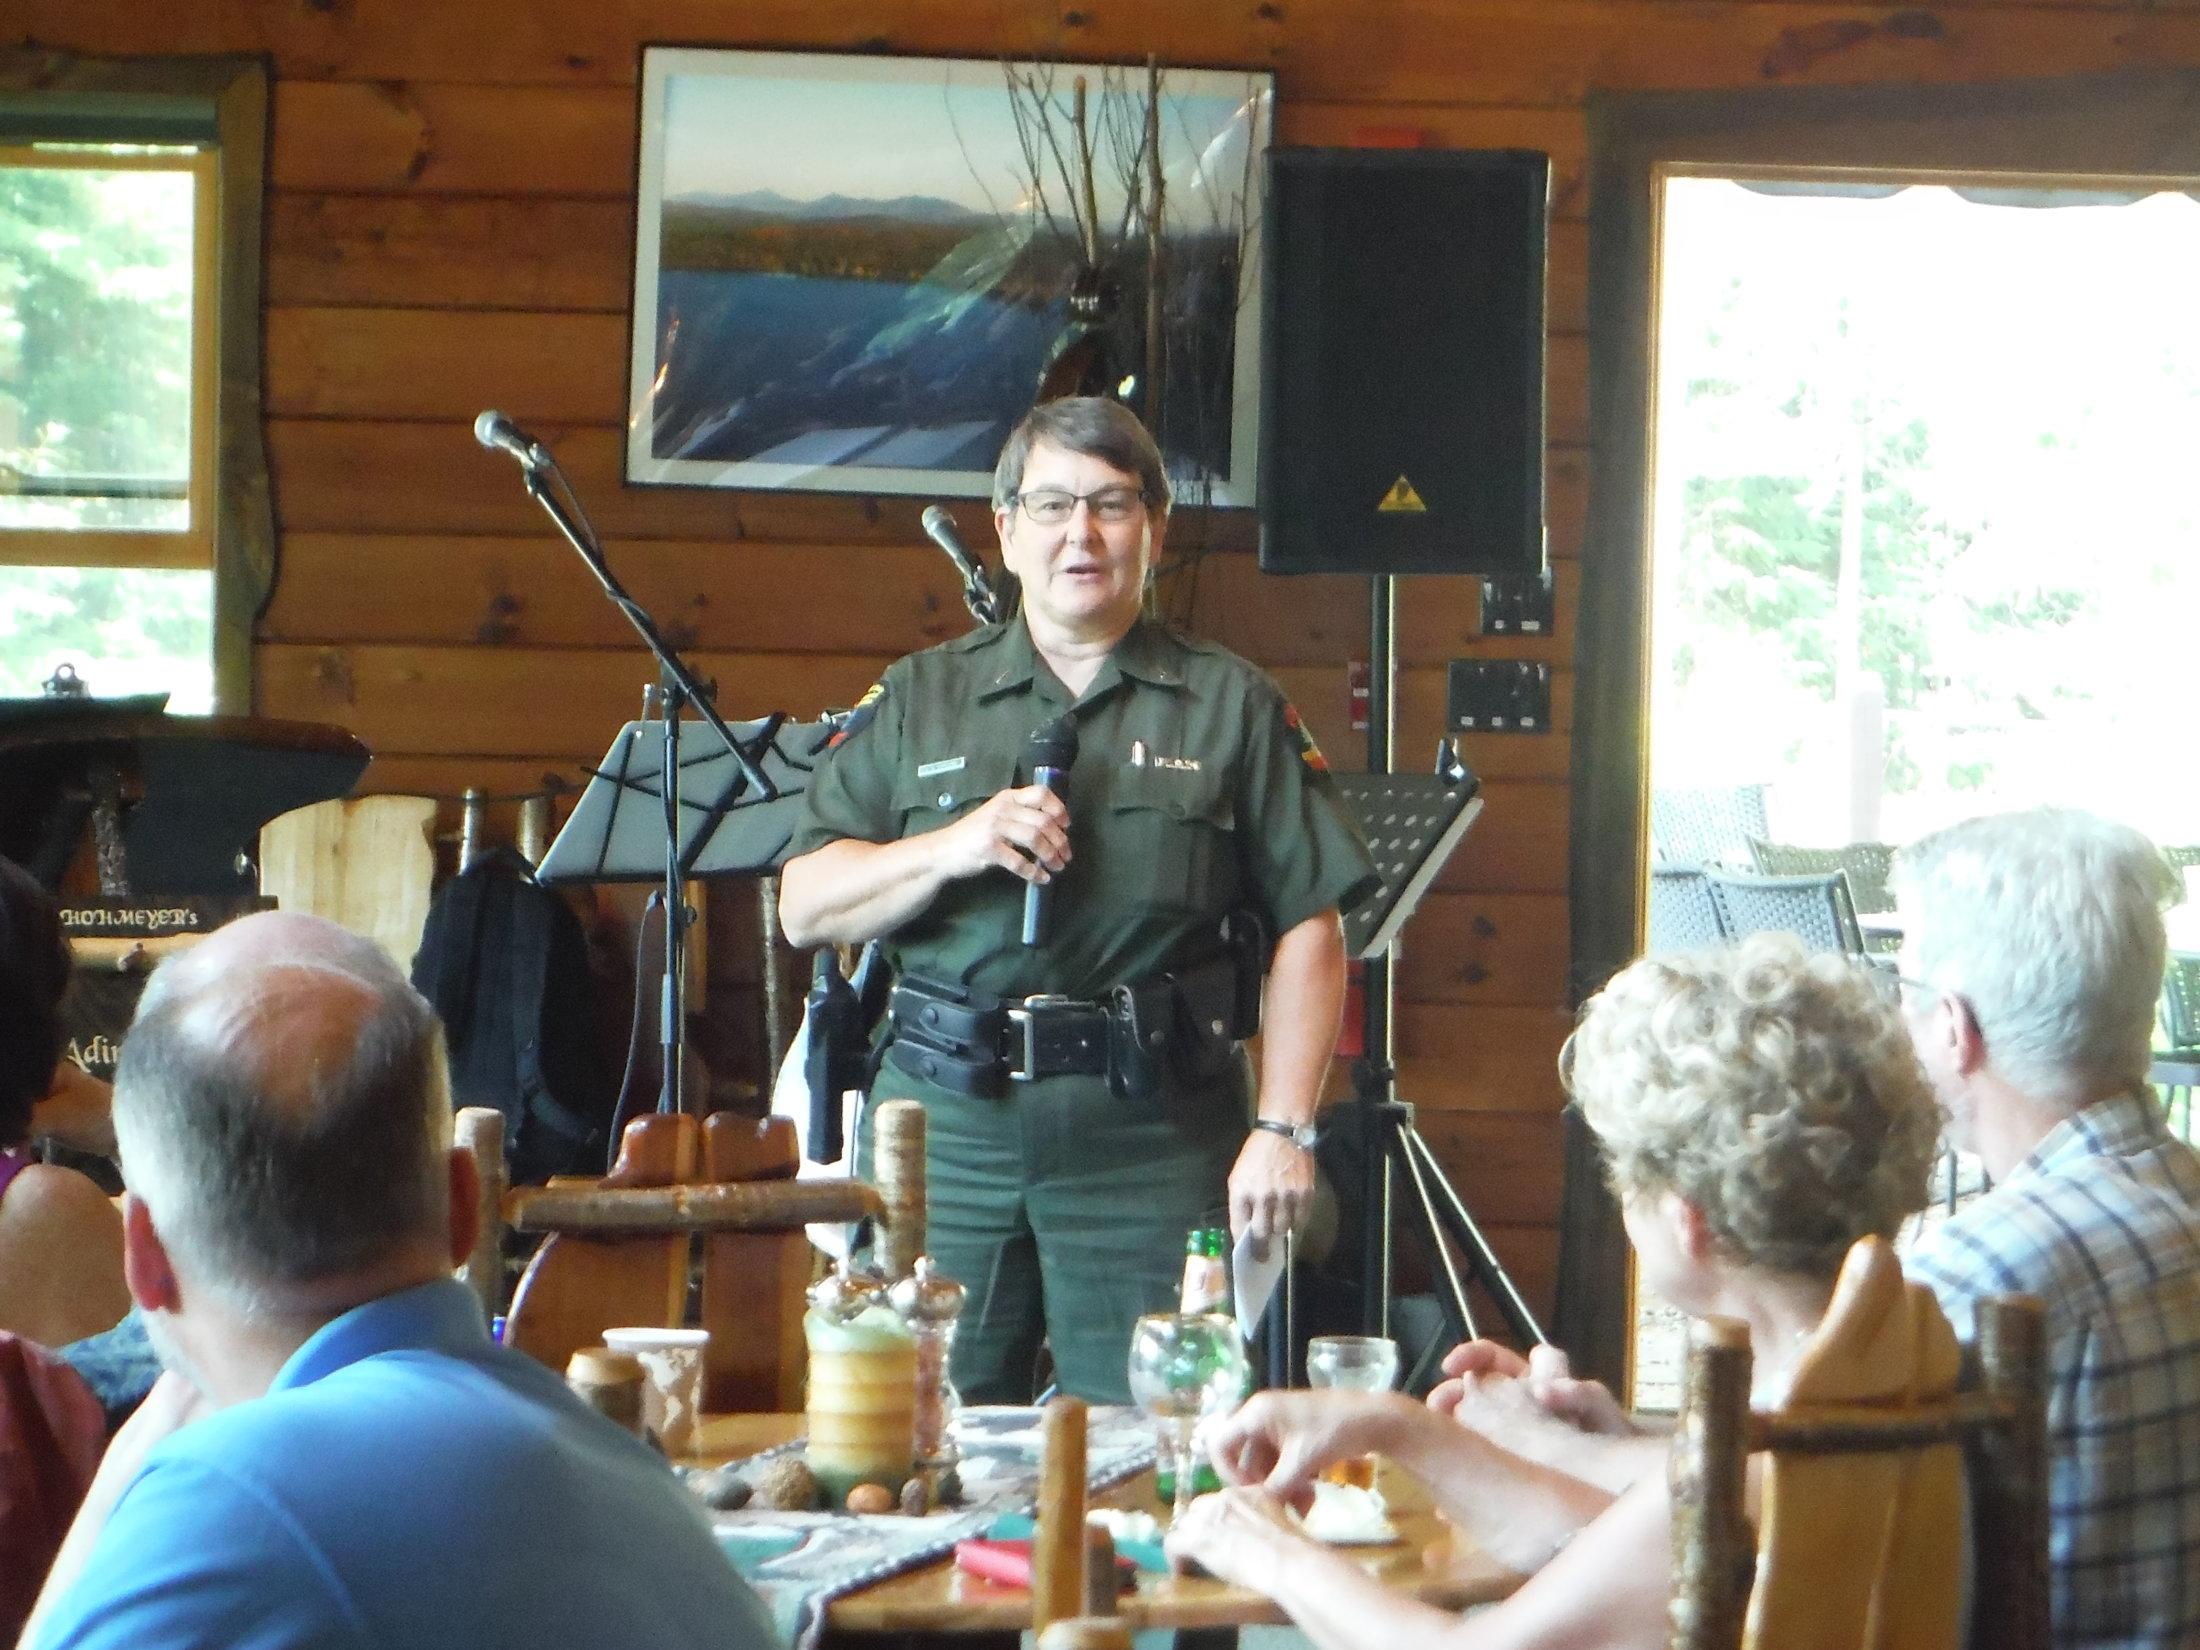 Lt. Julie Harjung, DEC Forest Ranger